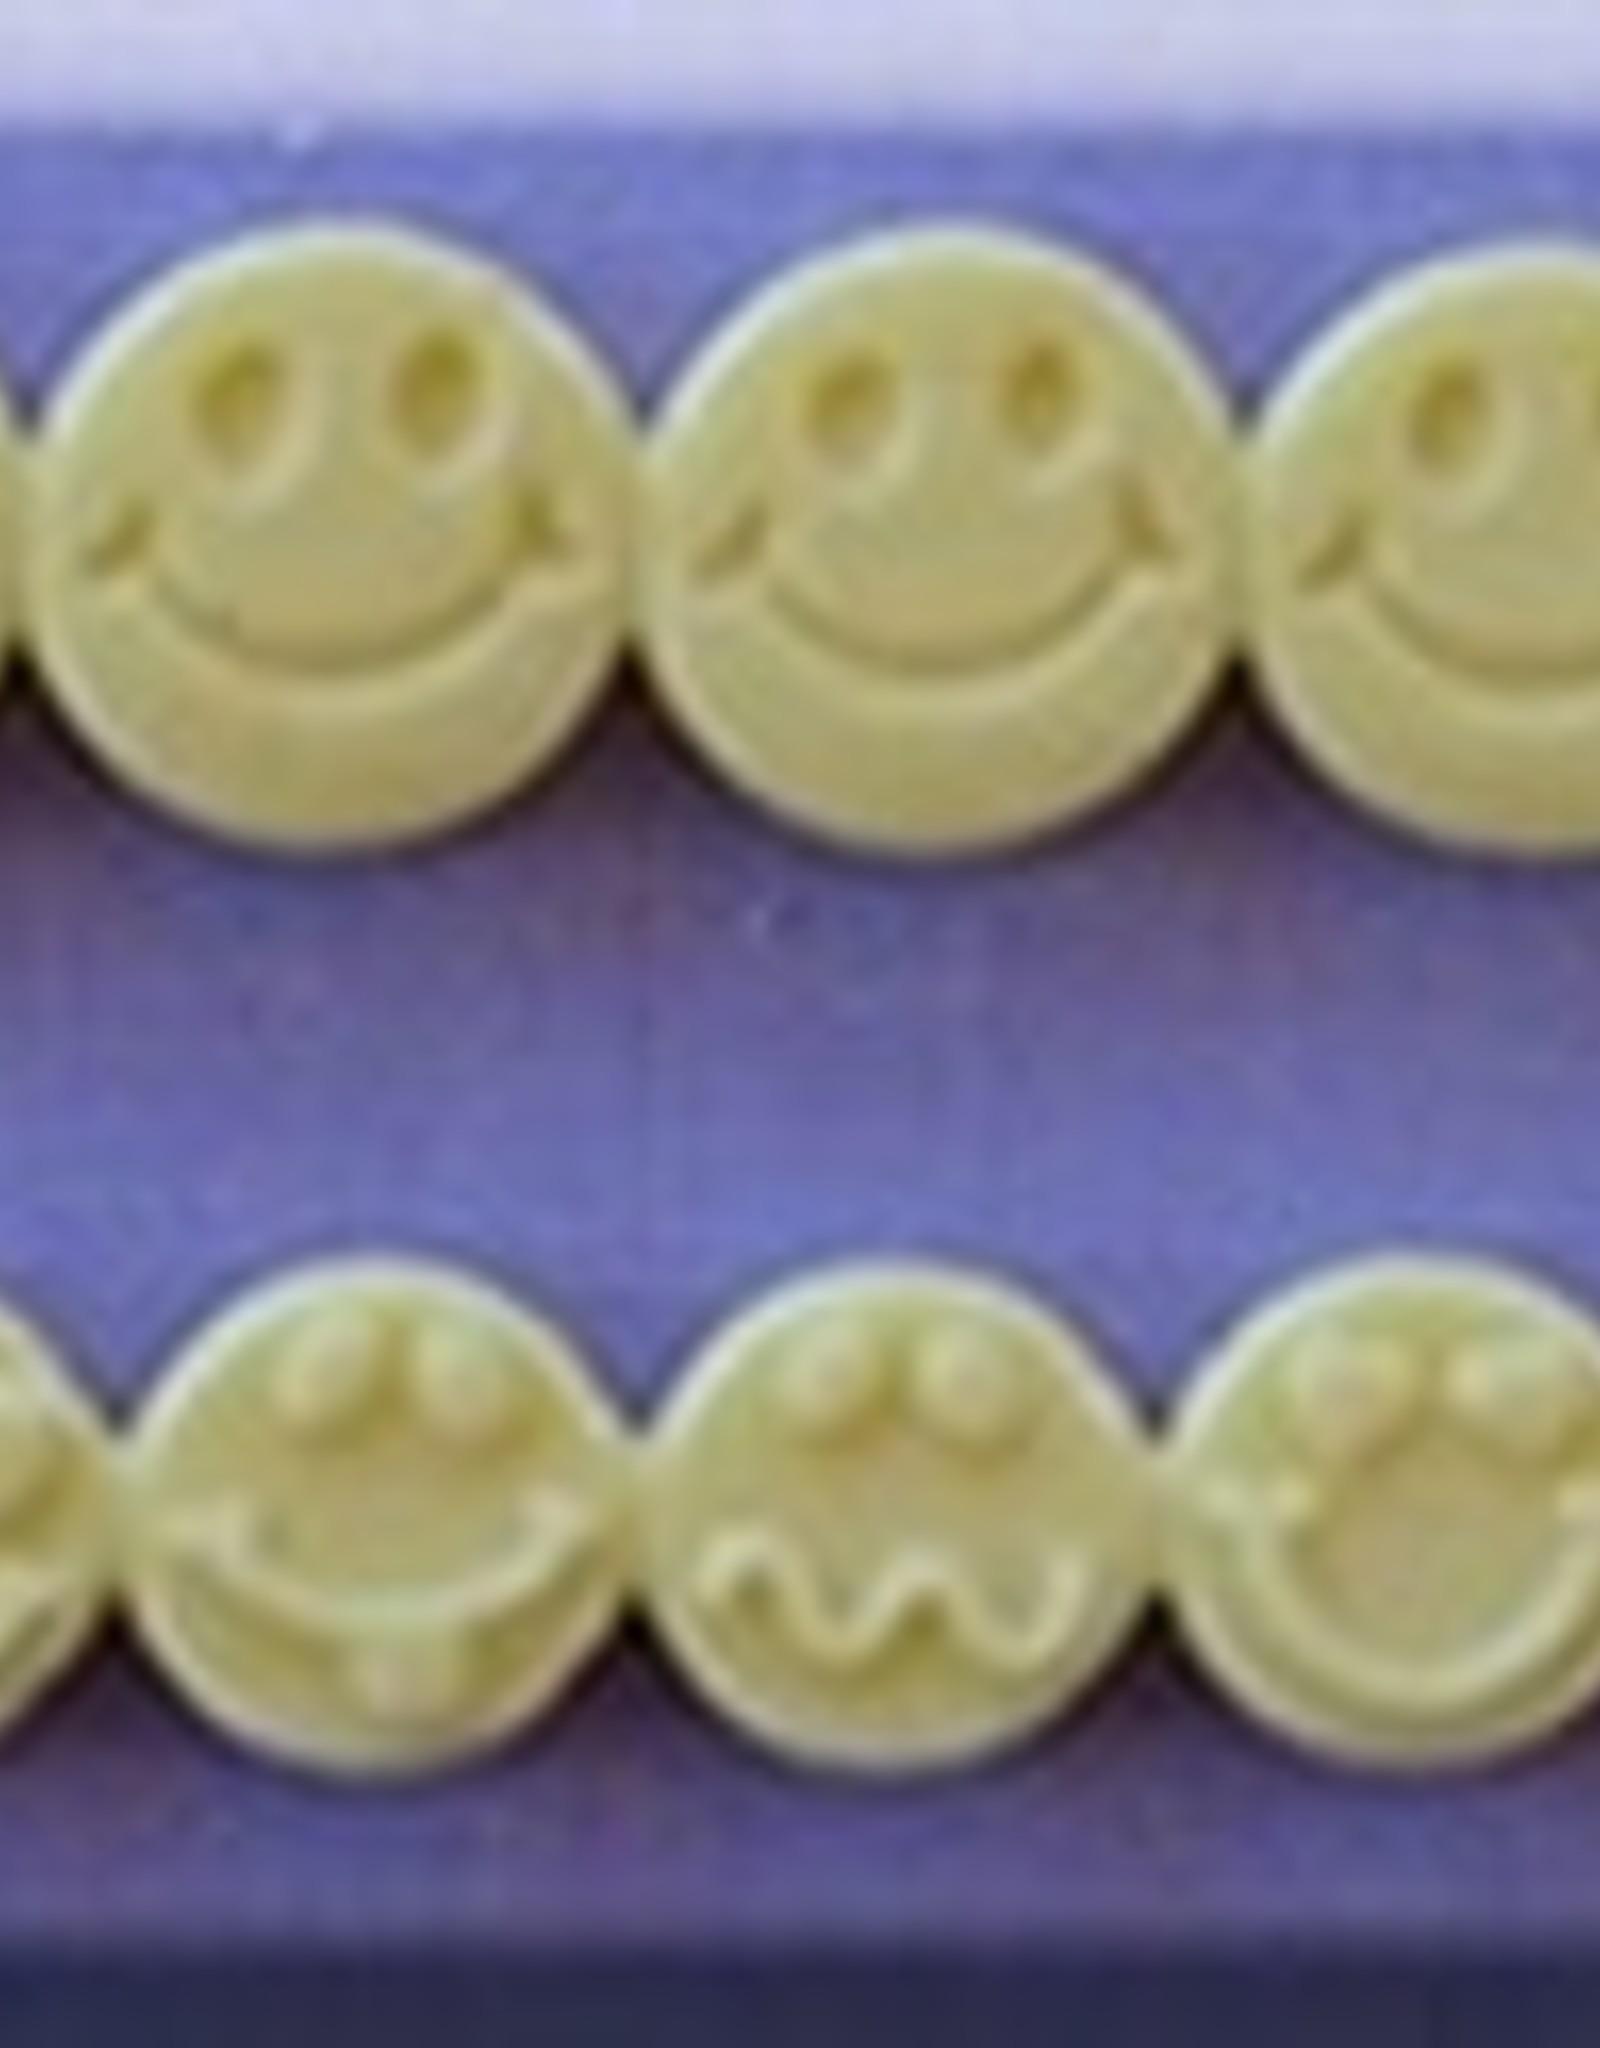 Alphabet Moulds Alphabet Moulds Smiley  Faces, double row